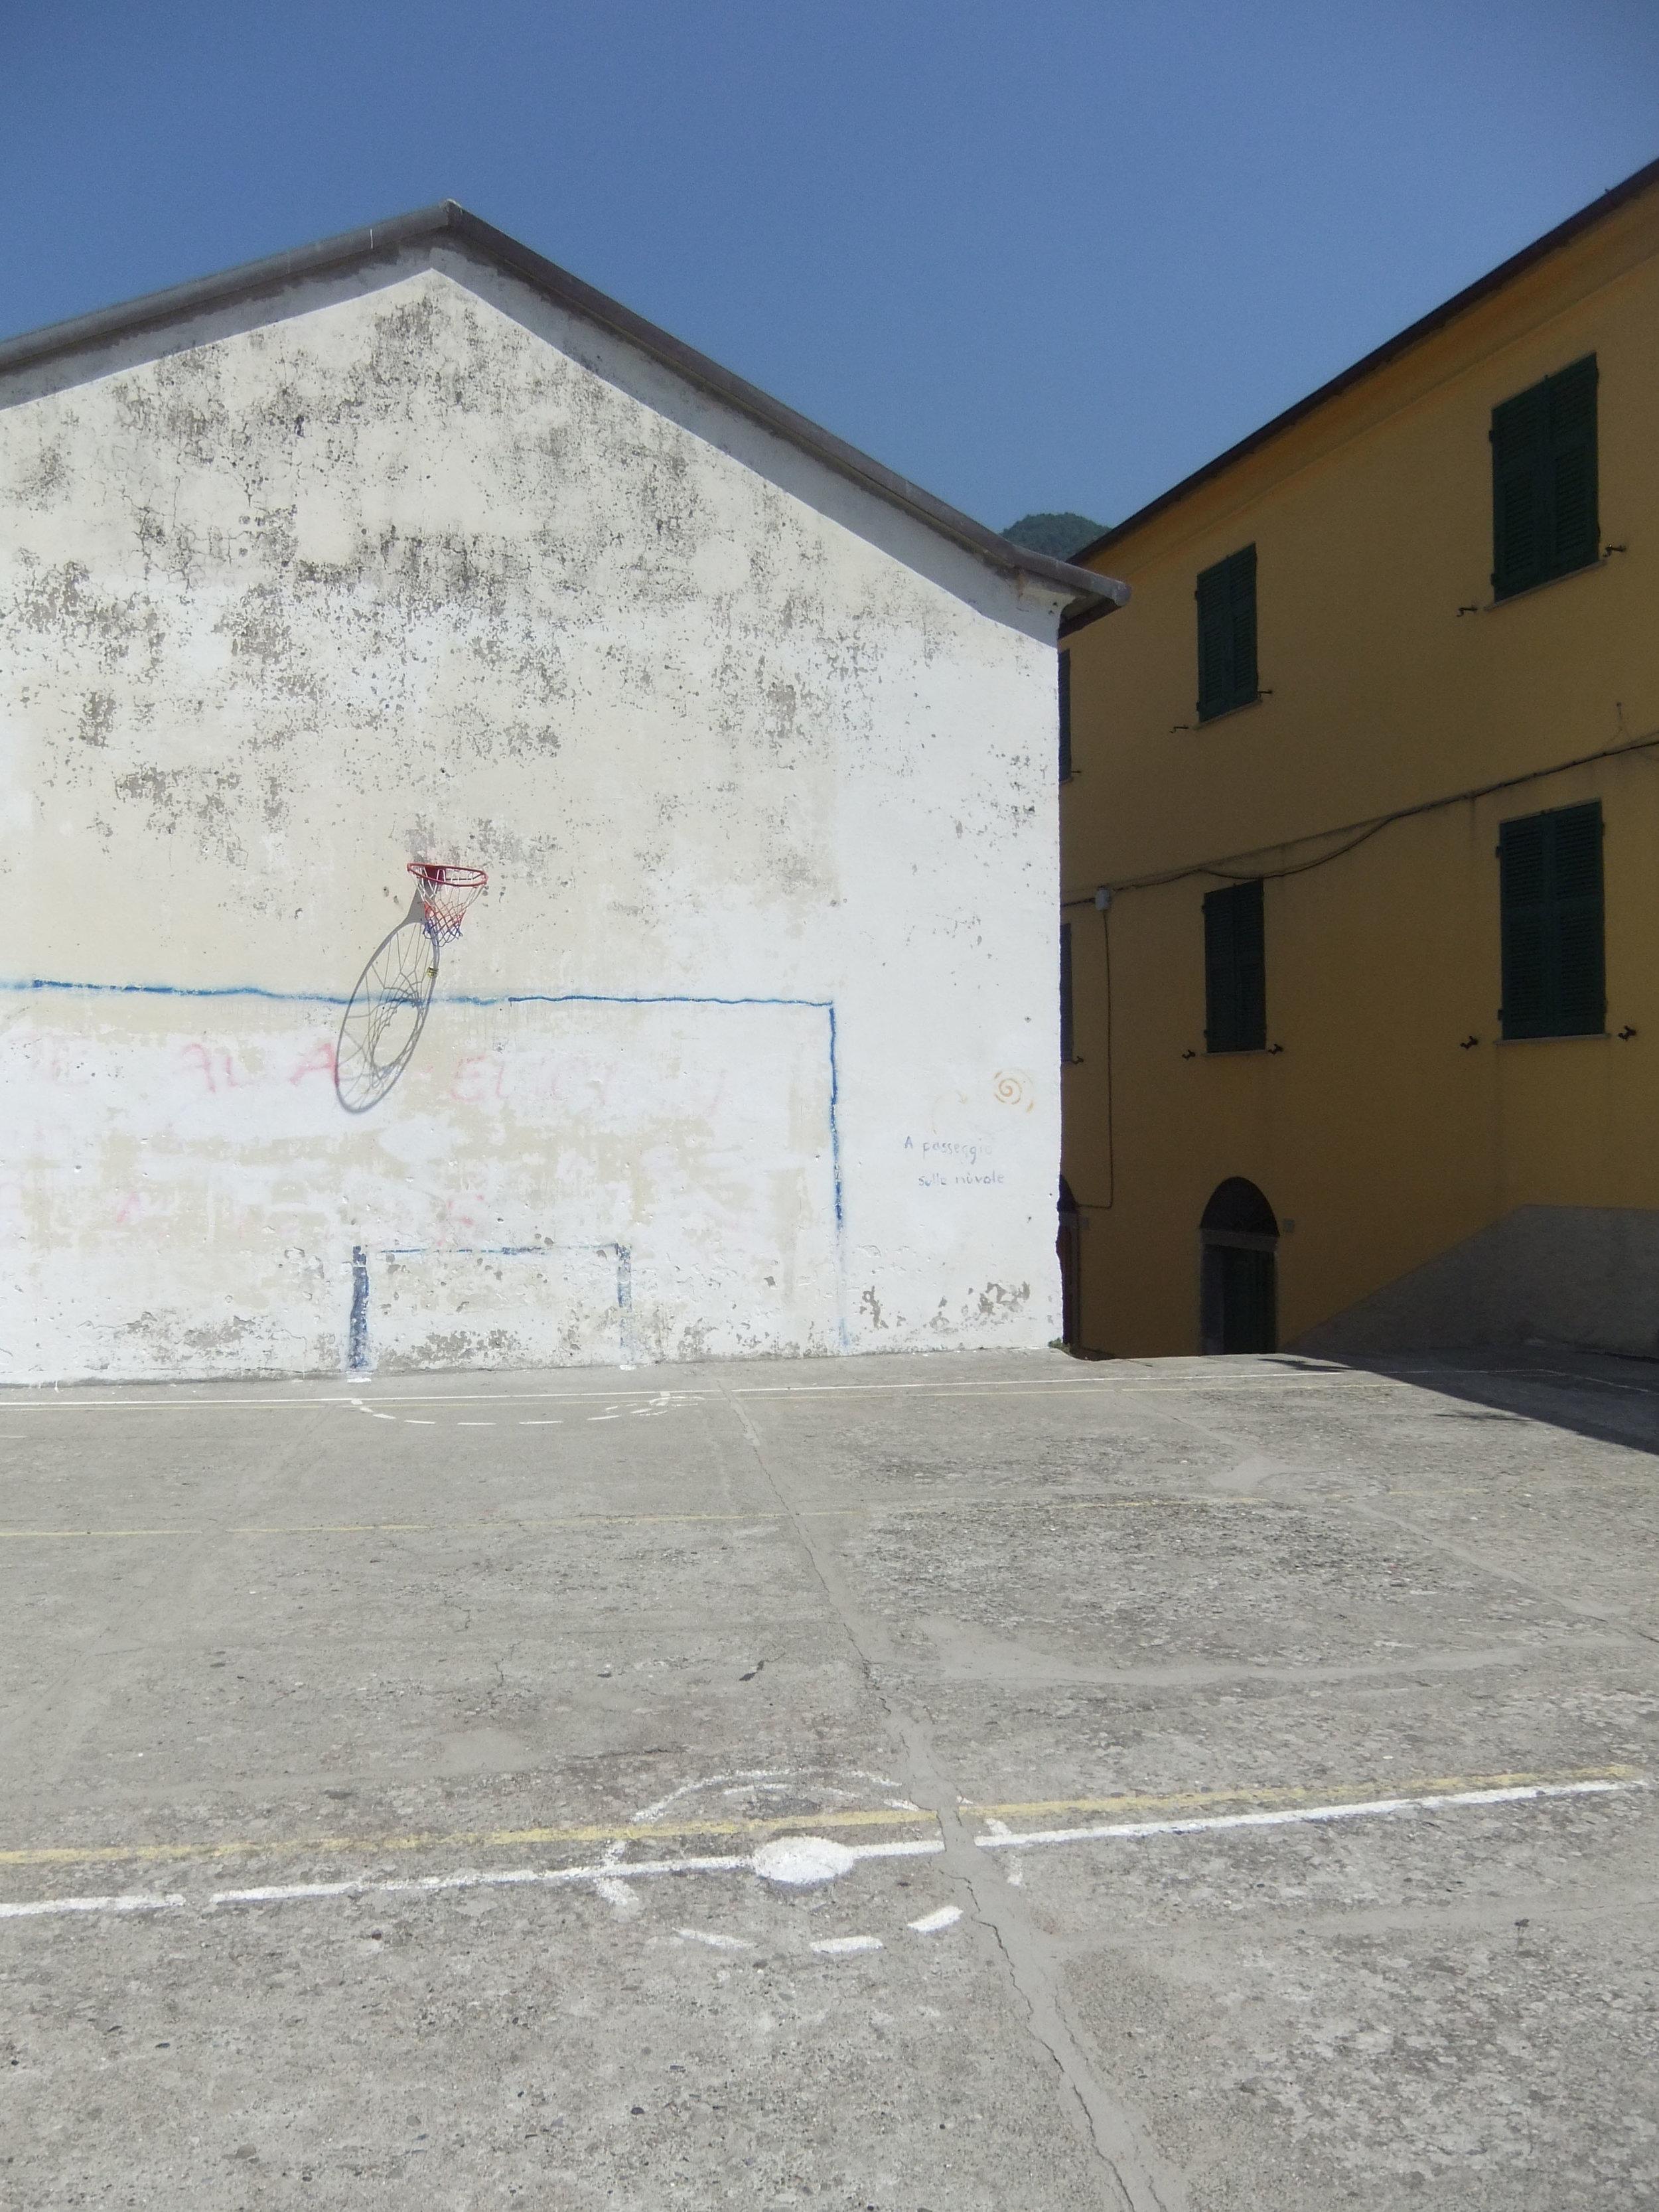 Corniglia, Cinque Terre, Italy, 2015.